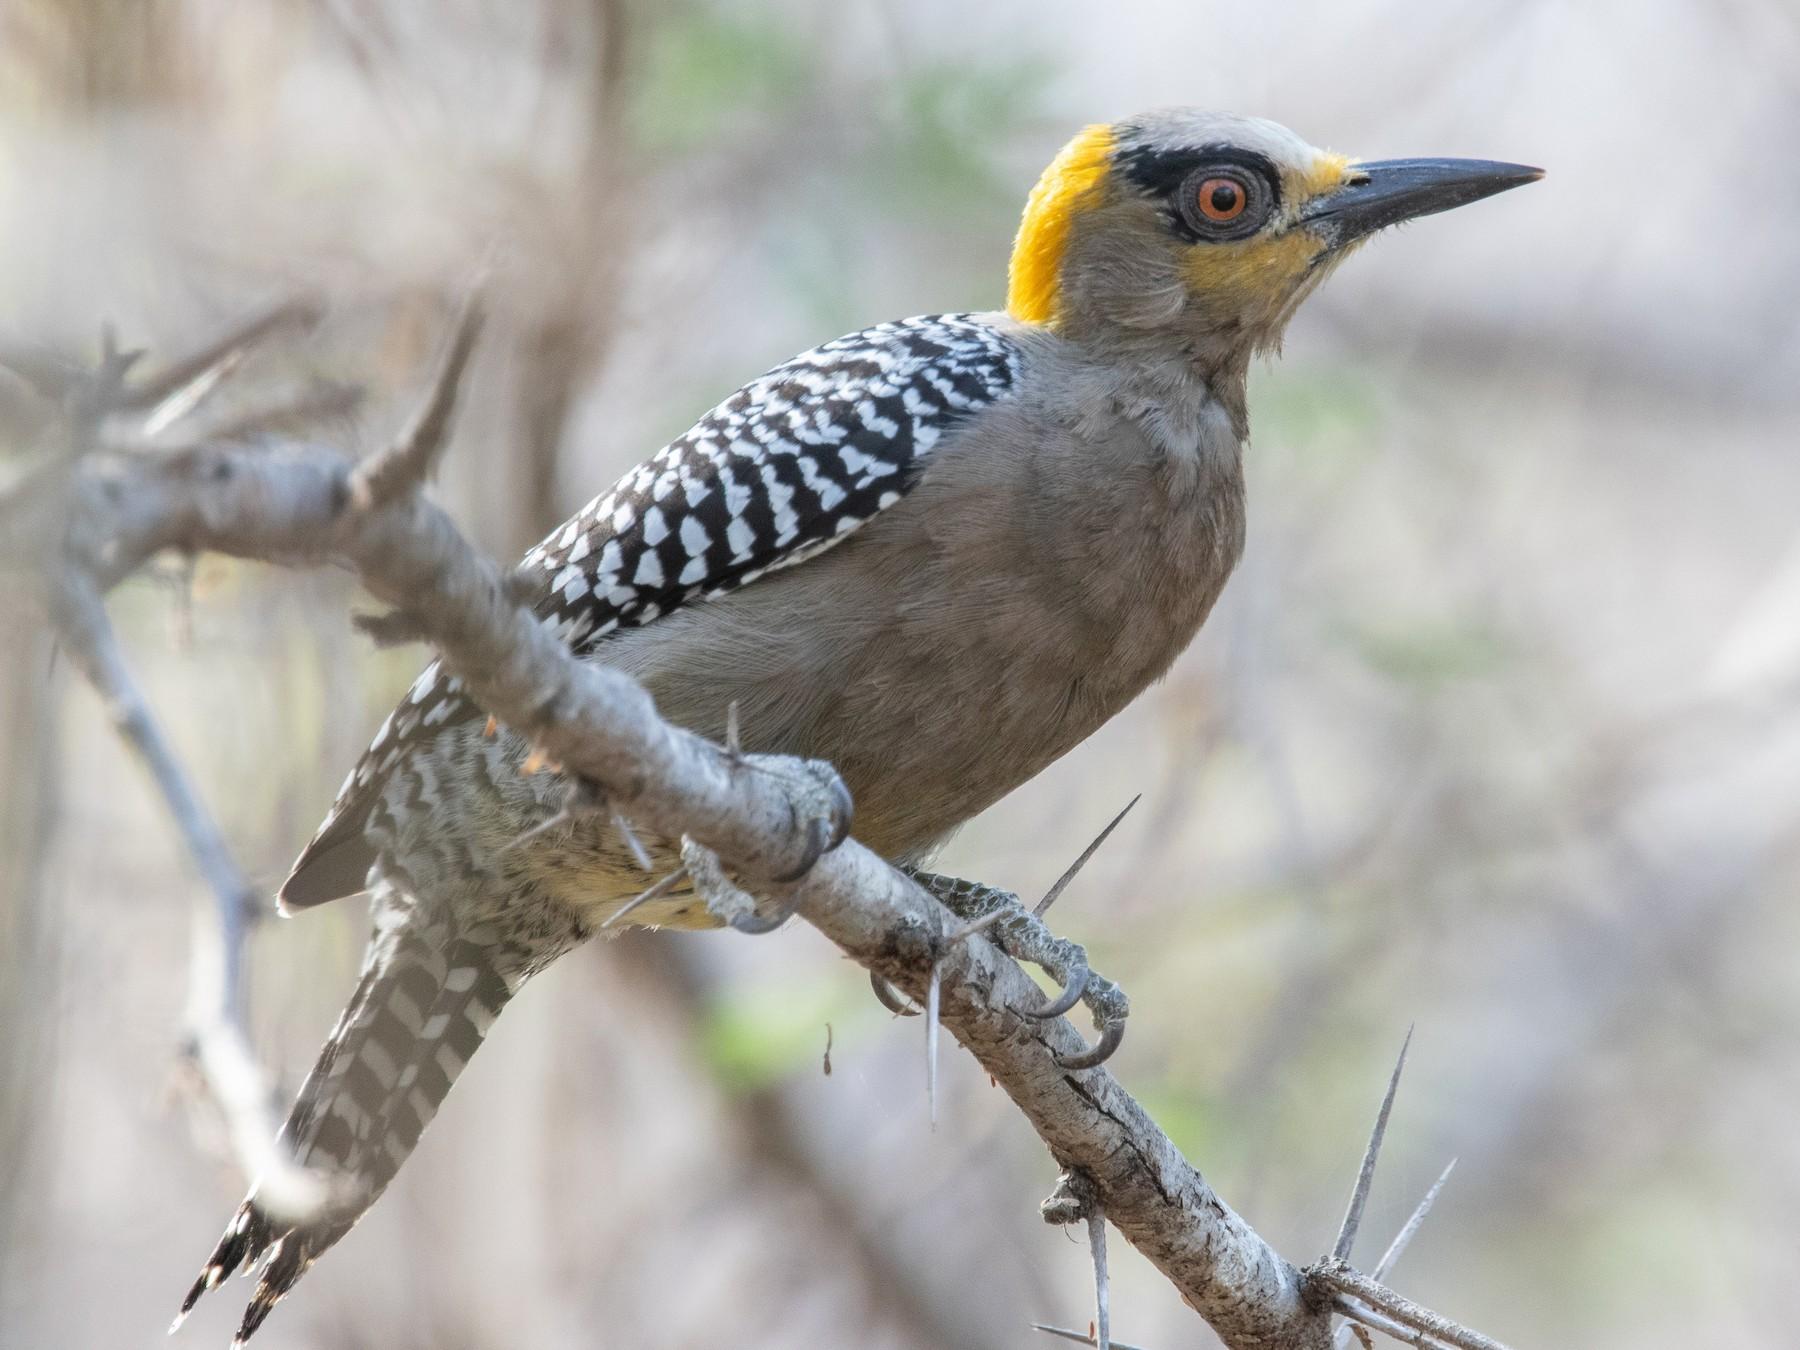 Golden-cheeked Woodpecker - Blair Dudeck